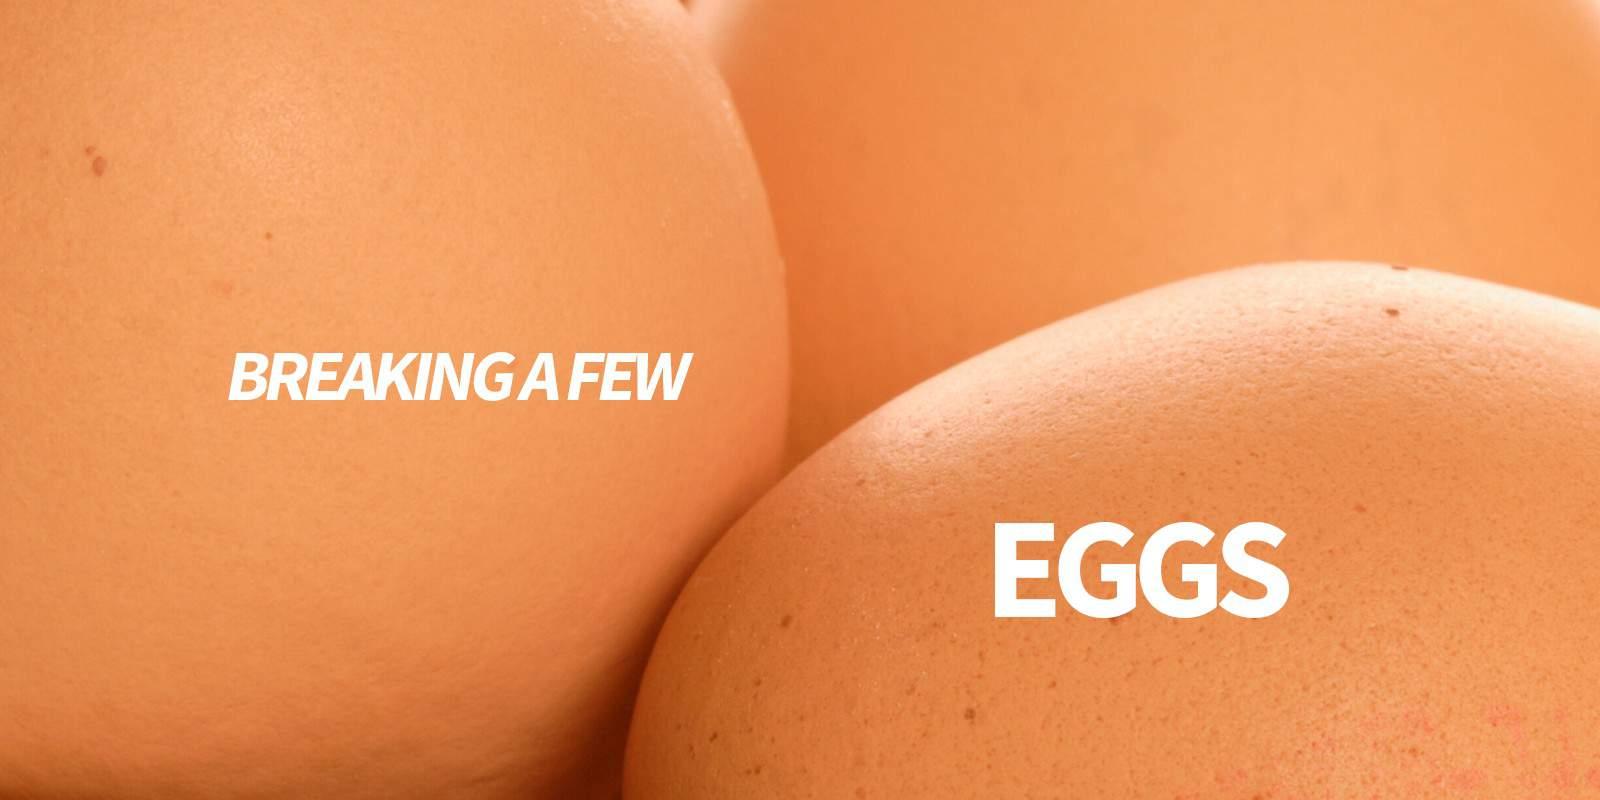 breaking a few eggs